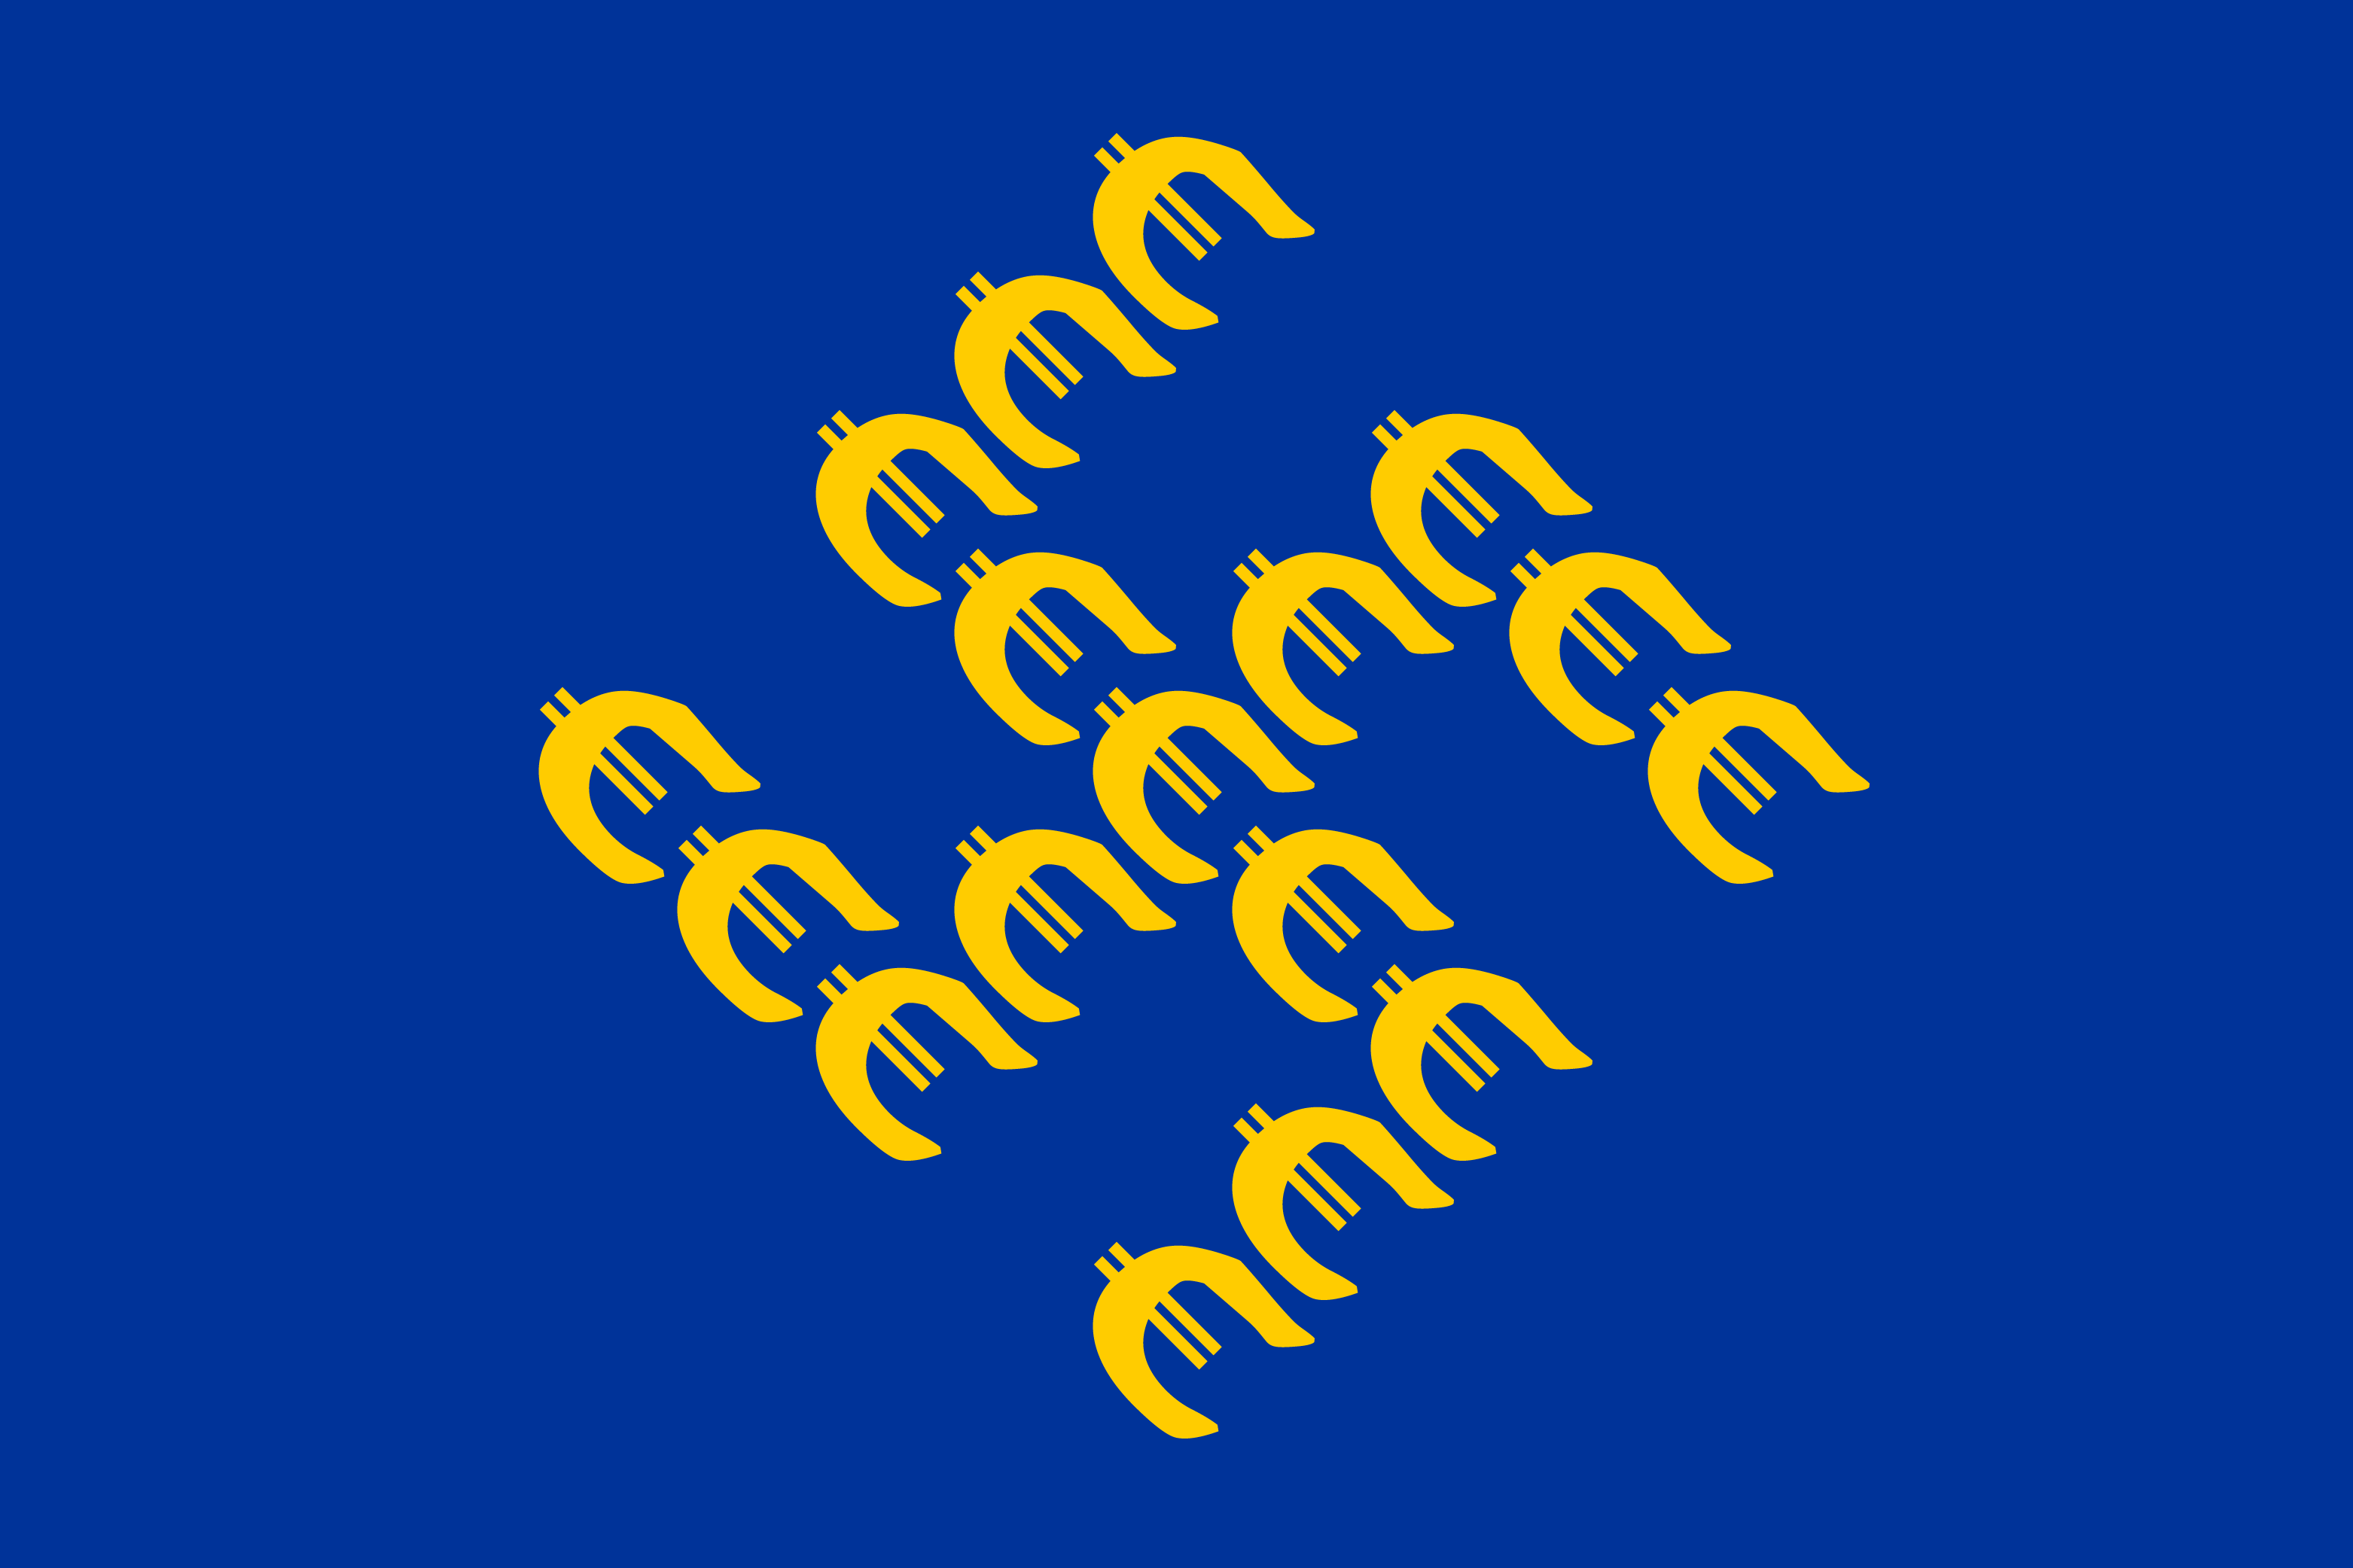 Flag_of_Europe neo EU nazism